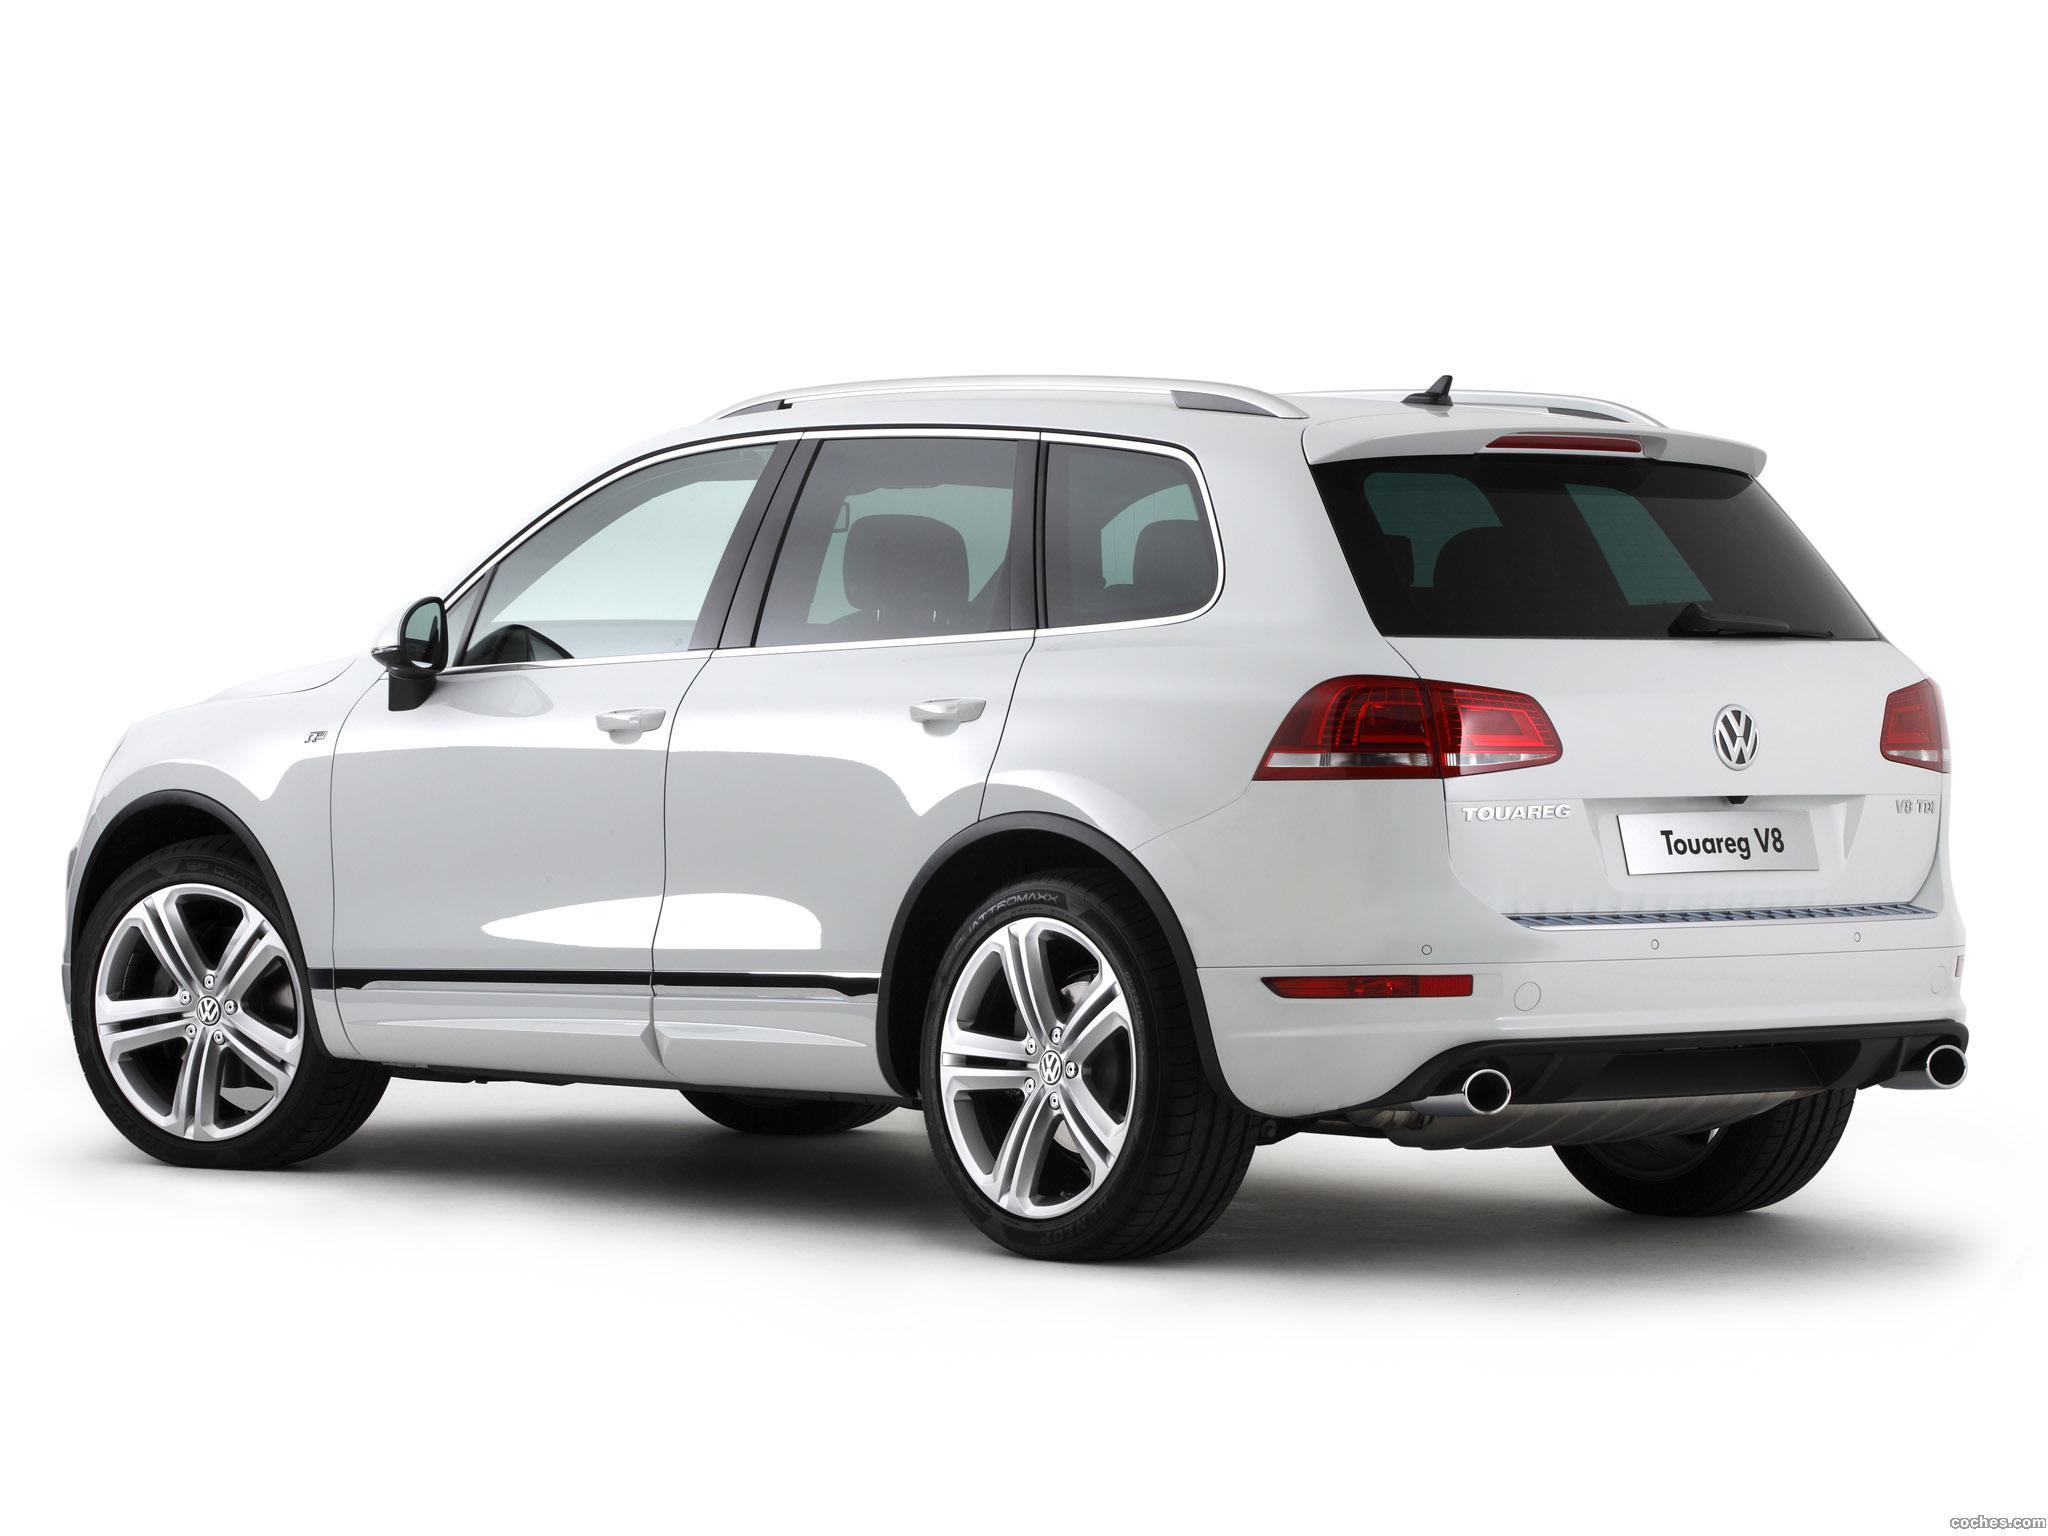 Foto 4 de Volkswagen Touareg V8 TDI R-Line Australia  2014